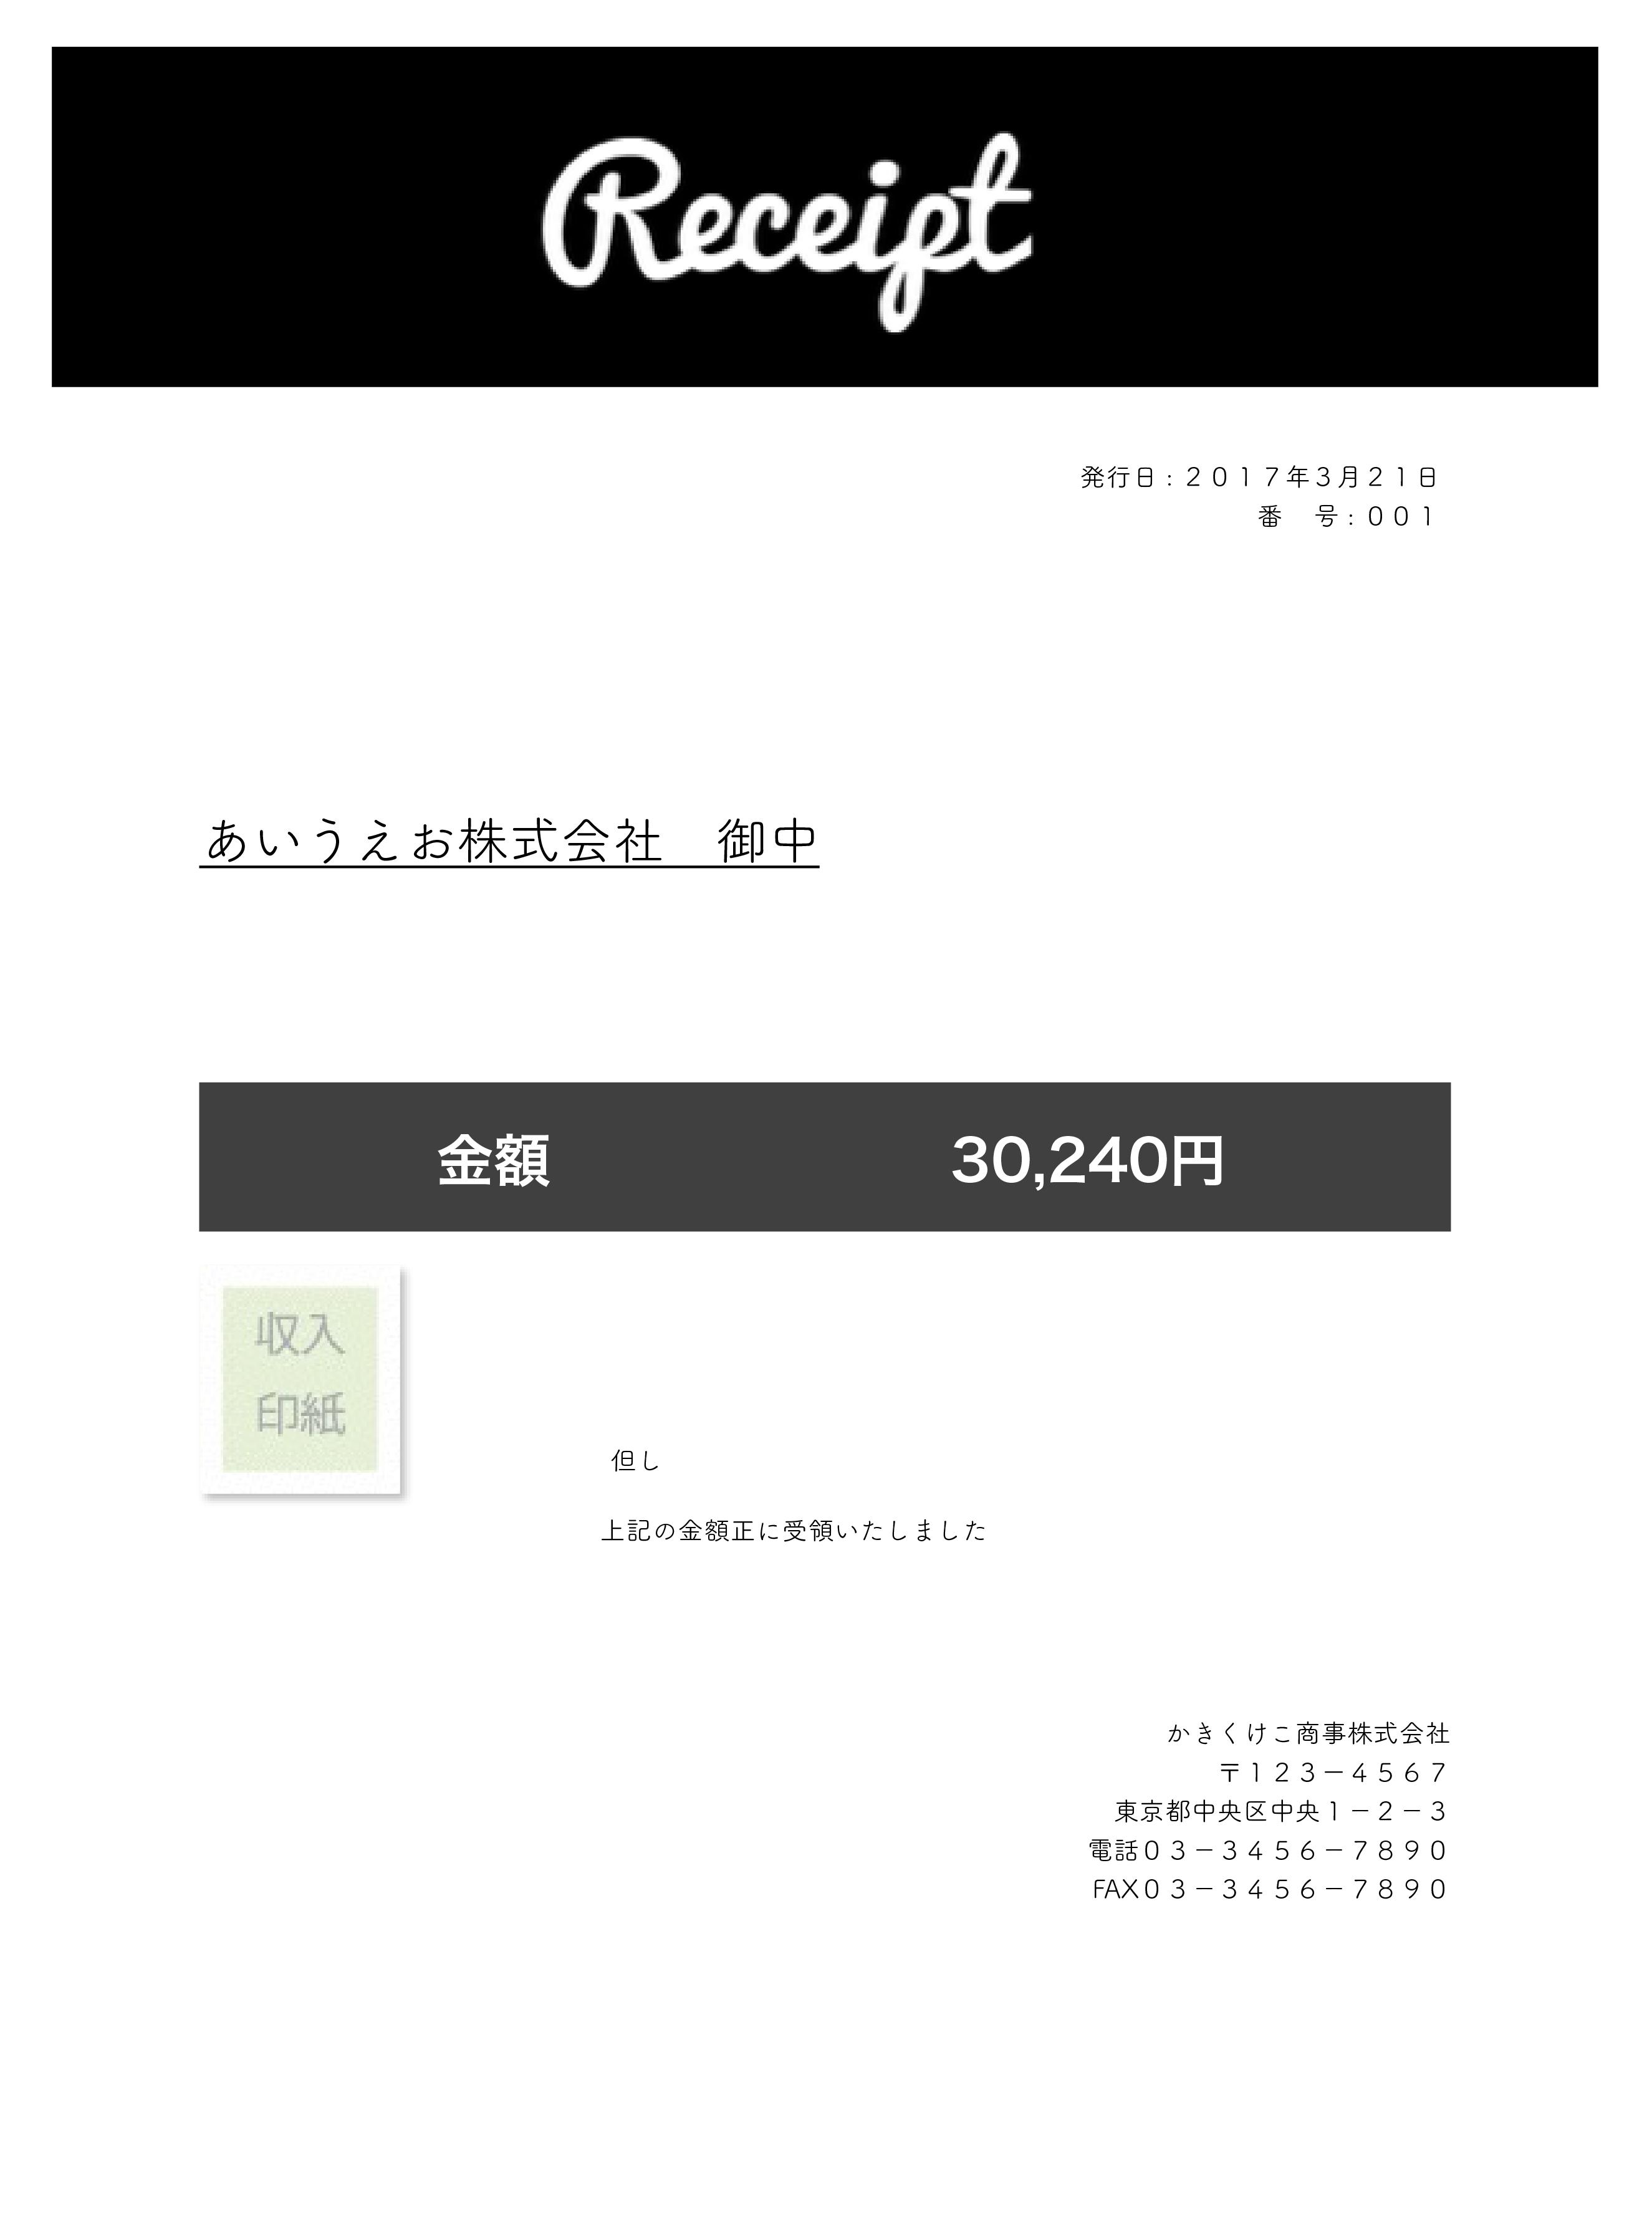 おしゃれな領収書(Receipt)テンプレート(ワード、ページズ)A4サイズ ブラック